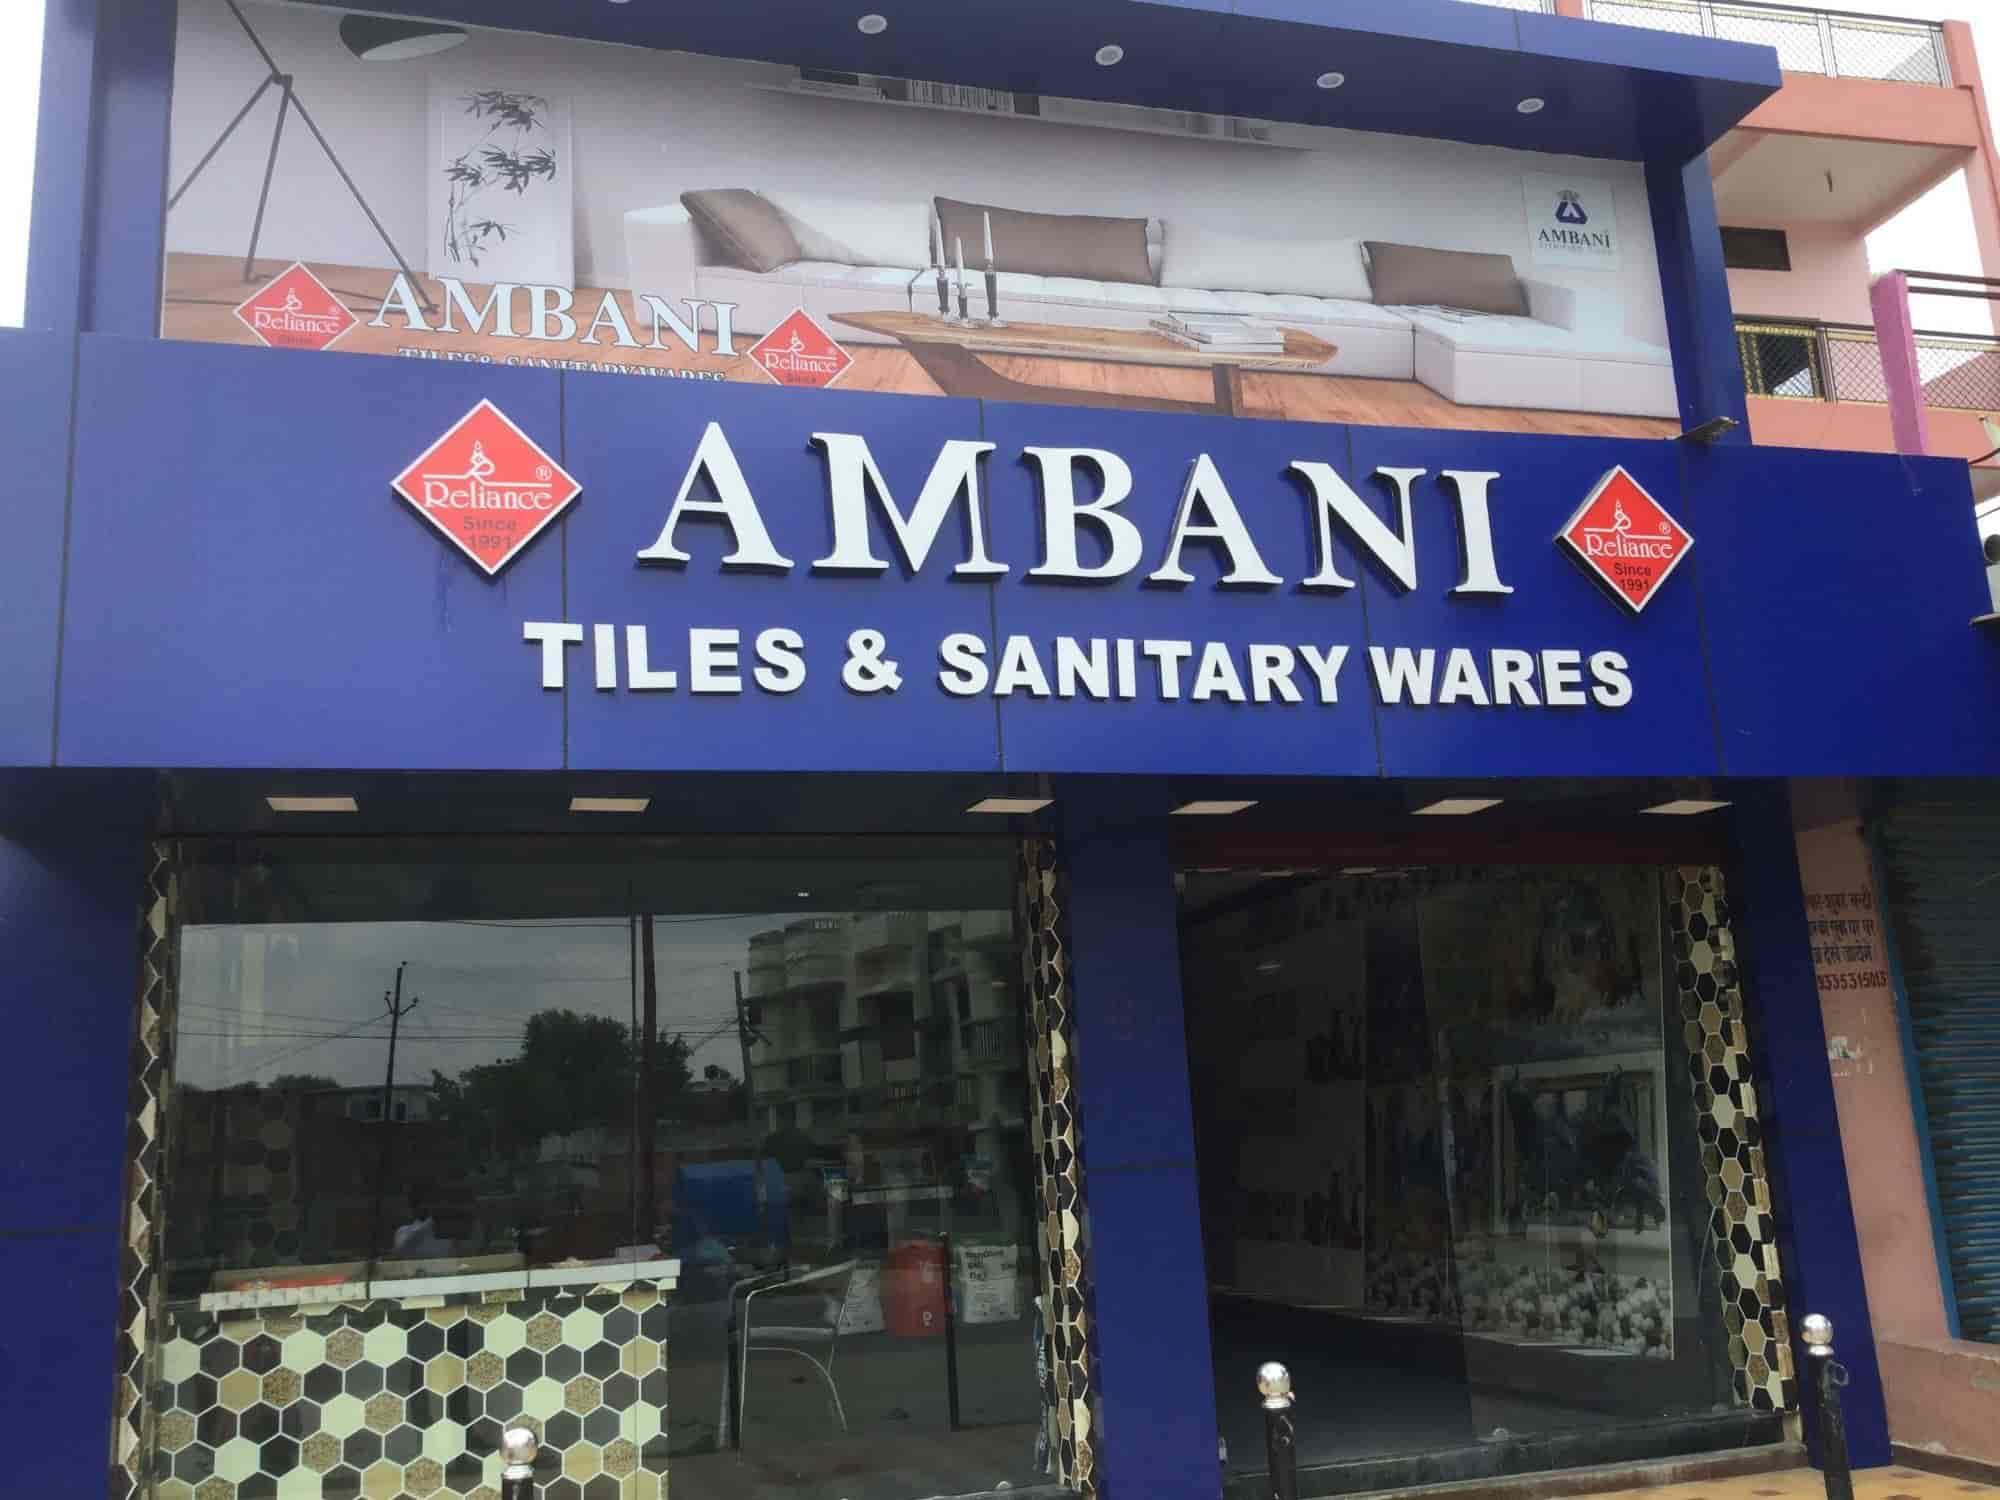 Ambani Tiles Sanitarywares Showroom Photos, , Gorakhpur- Pictures ...